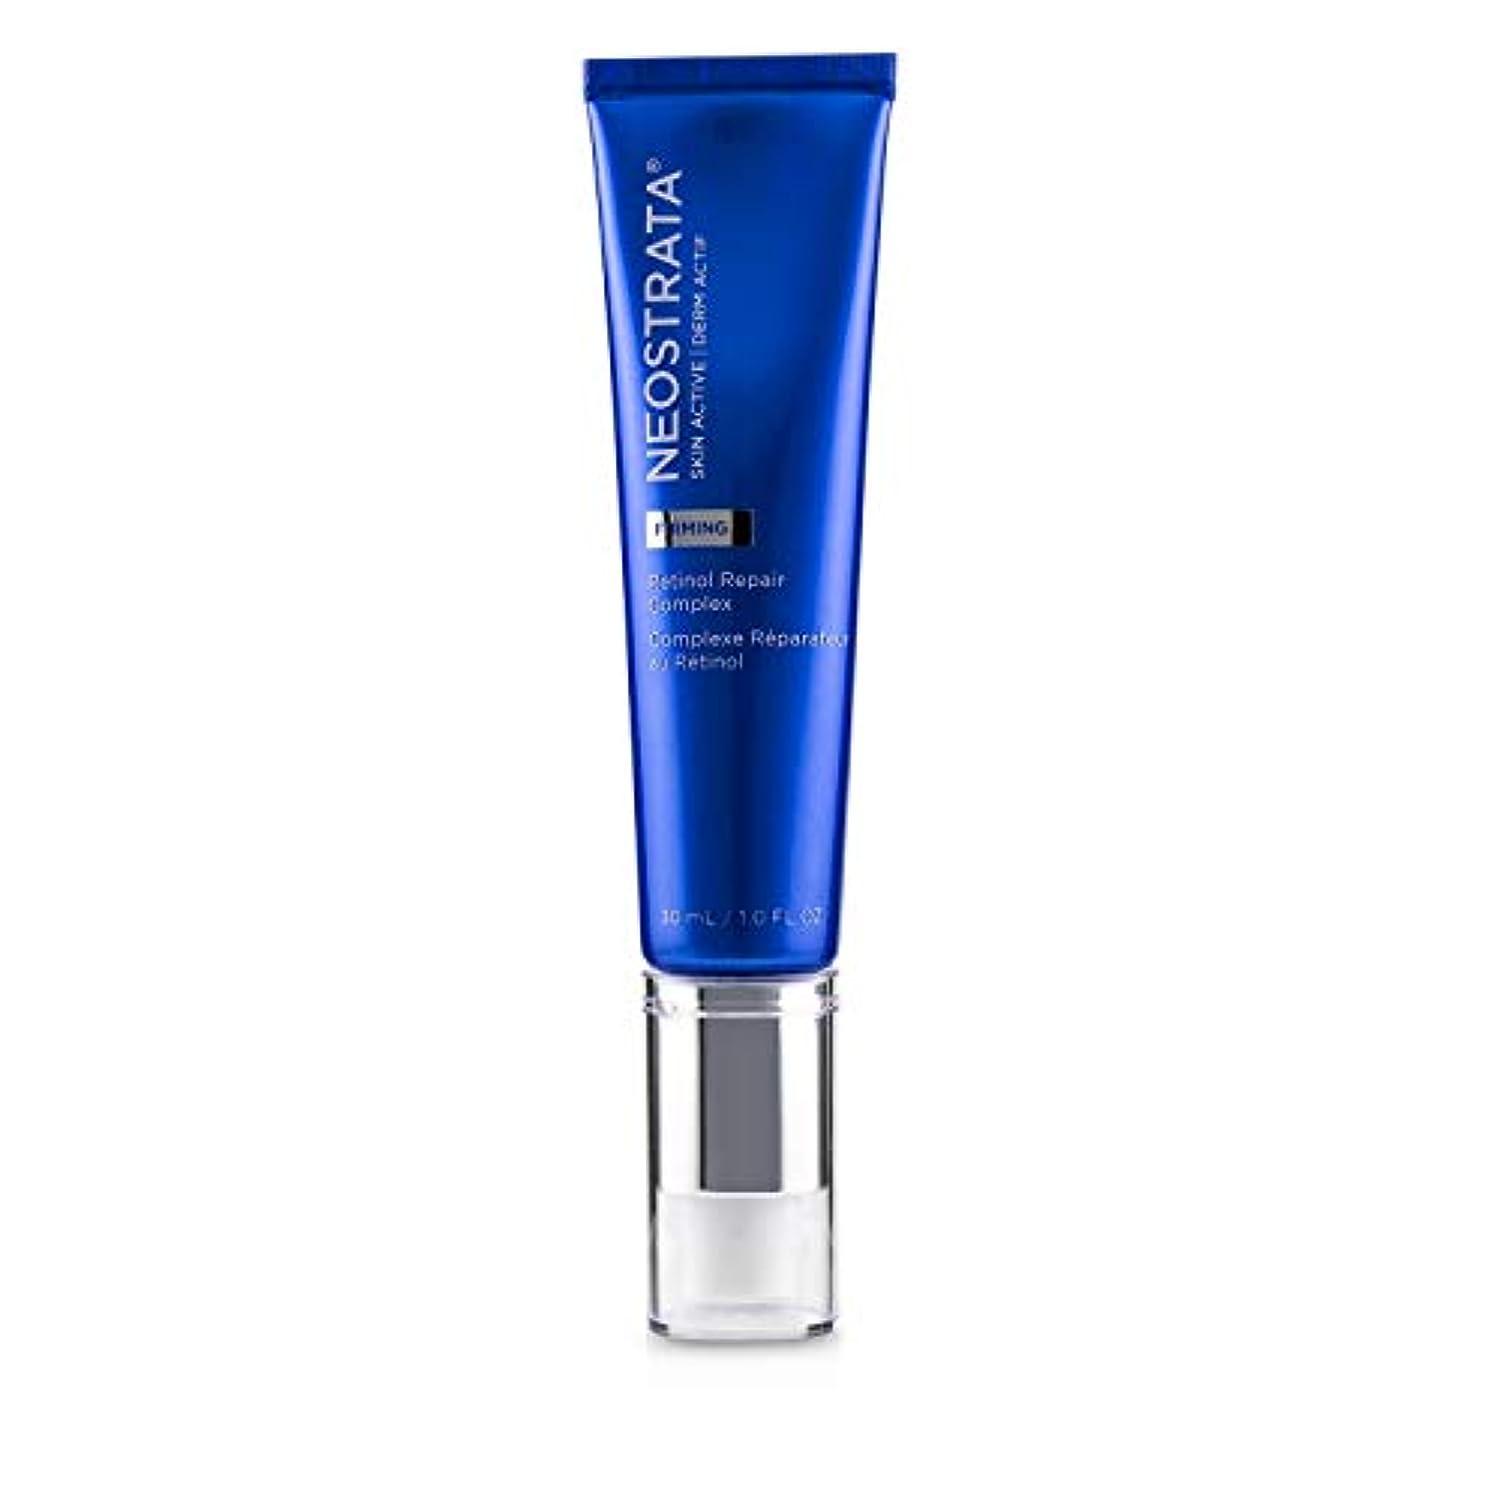 内向き魔術シーズンネオストラータ Skin Active Derm Actif Firming - Retinol Repair Complex 30ml/1oz並行輸入品